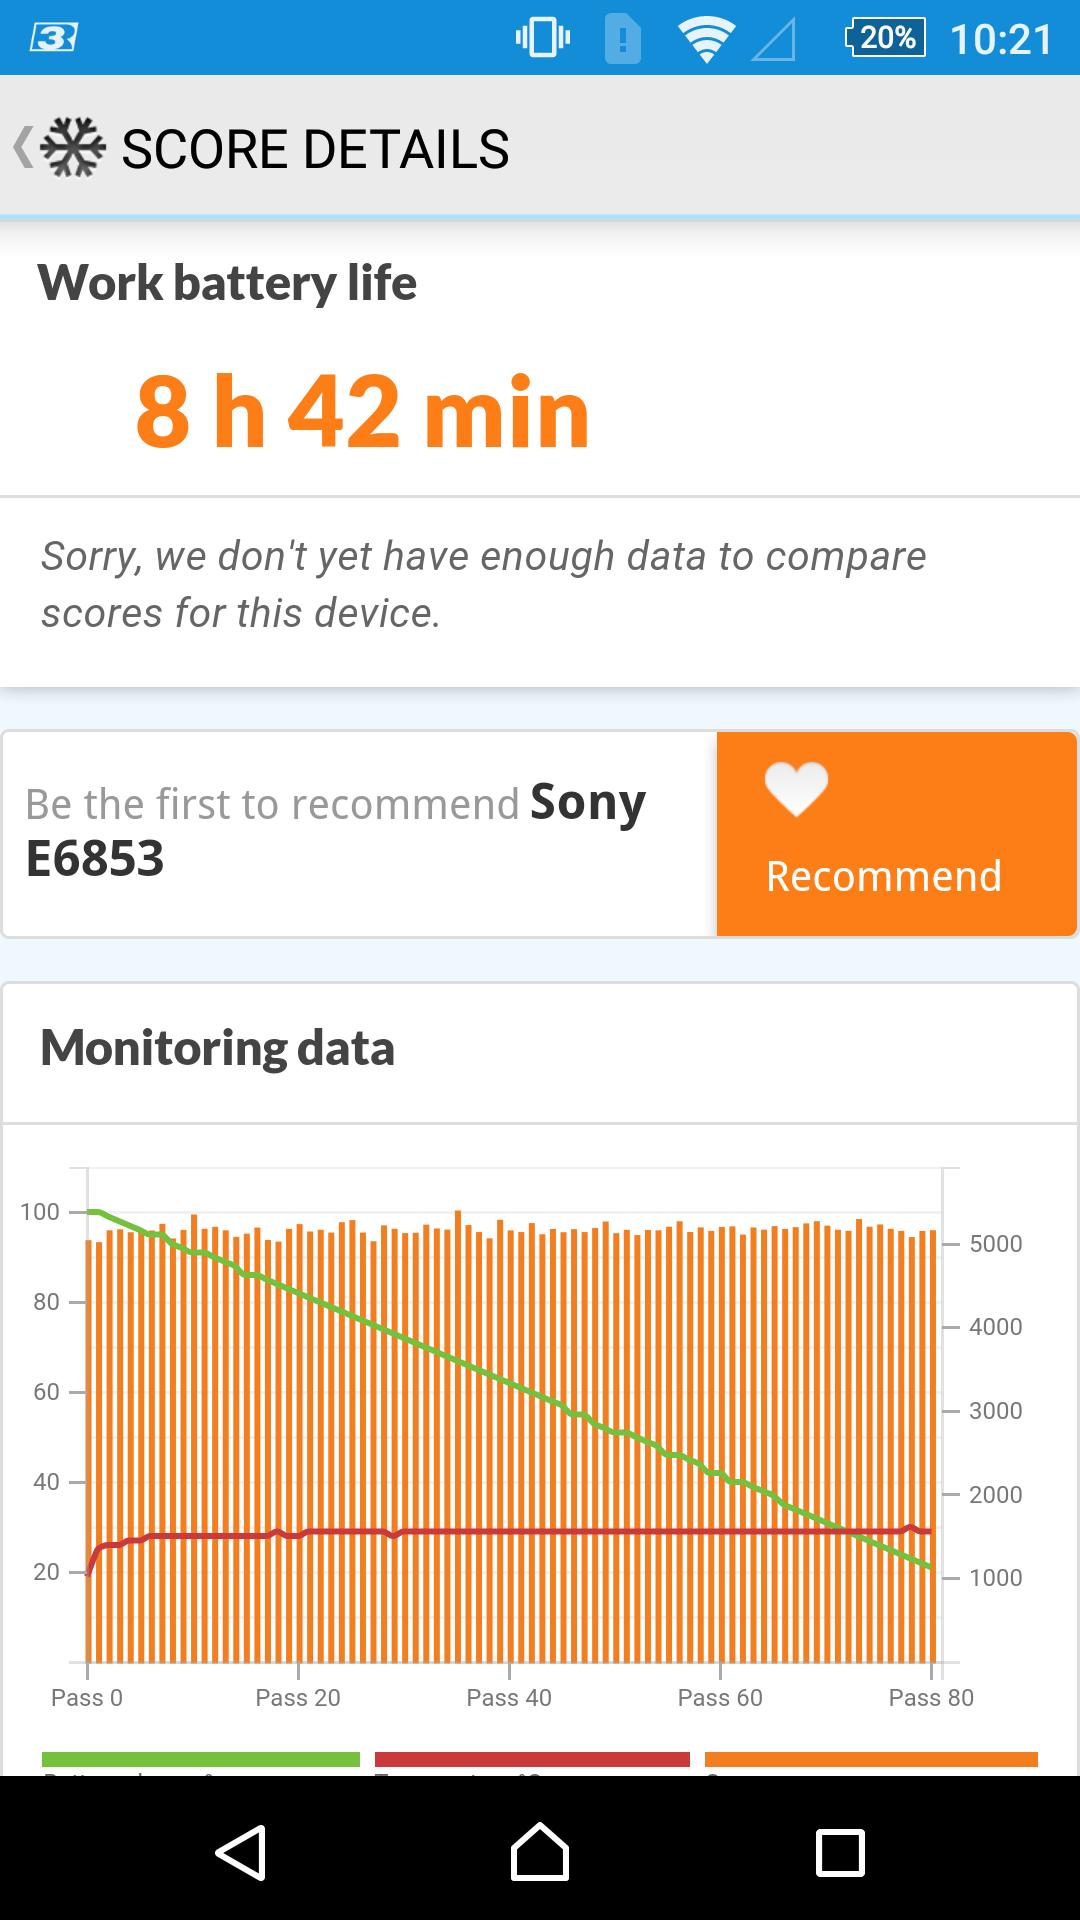 Sony Xperia Z5 Premium, benchmarks